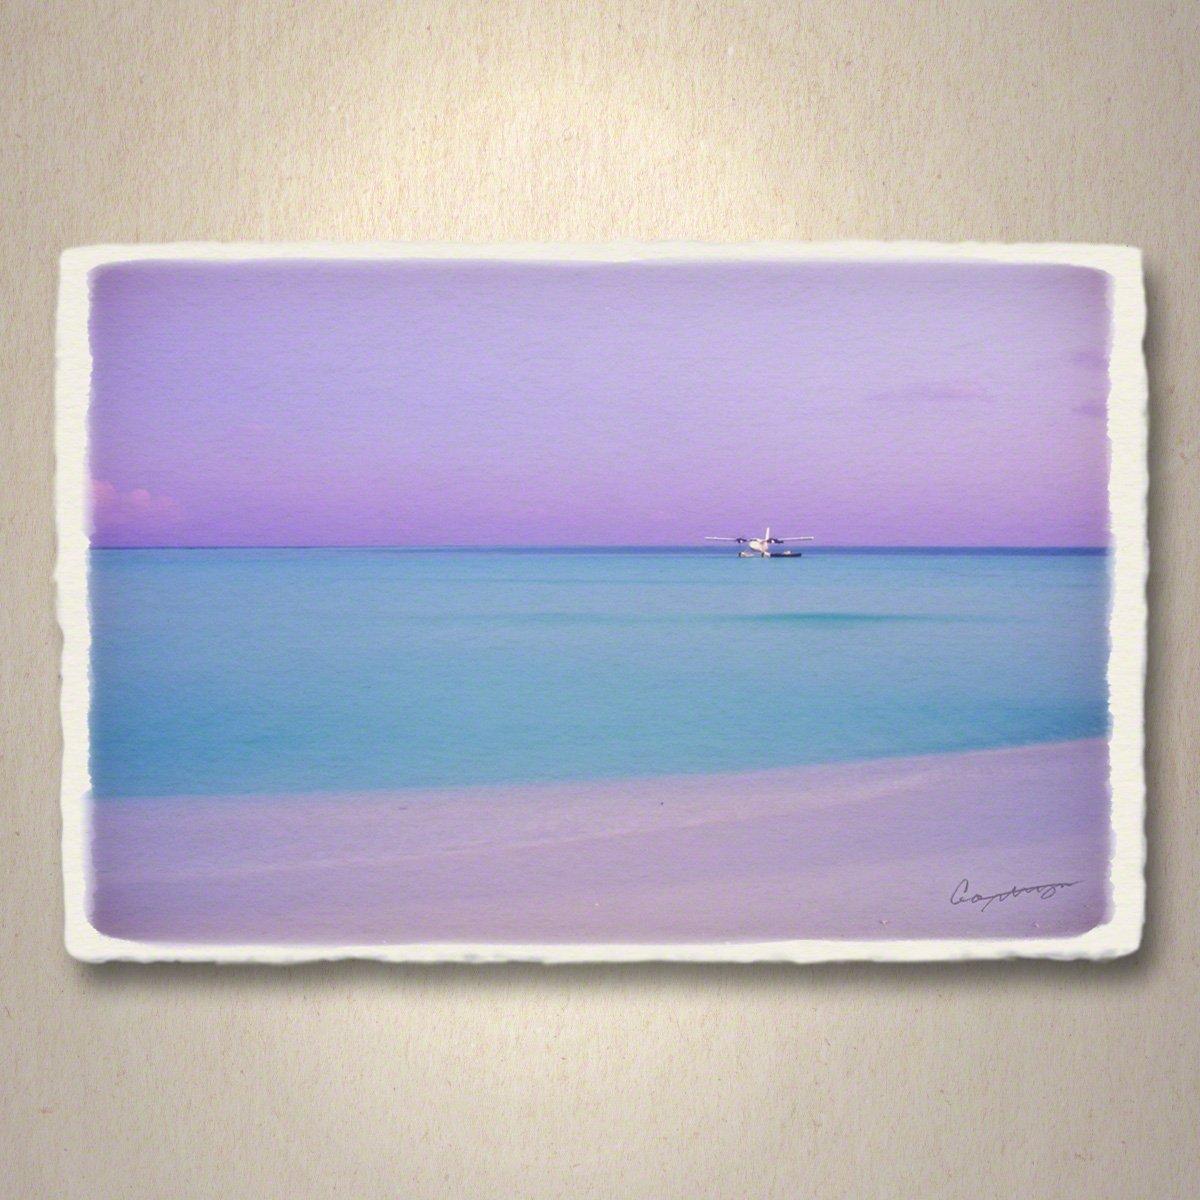 和紙 ポストカード 「珊瑚礁に浮かぶ夕暮れの水上飛行機」 海 絵 絵画 壁掛け 壁飾り インテリア アート B01NBYPEA7 01.ポストカード 300円|珊瑚礁に浮かぶ夕暮れの水上飛行機 珊瑚礁に浮かぶ夕暮れの水上飛行機 01.ポストカード 300円